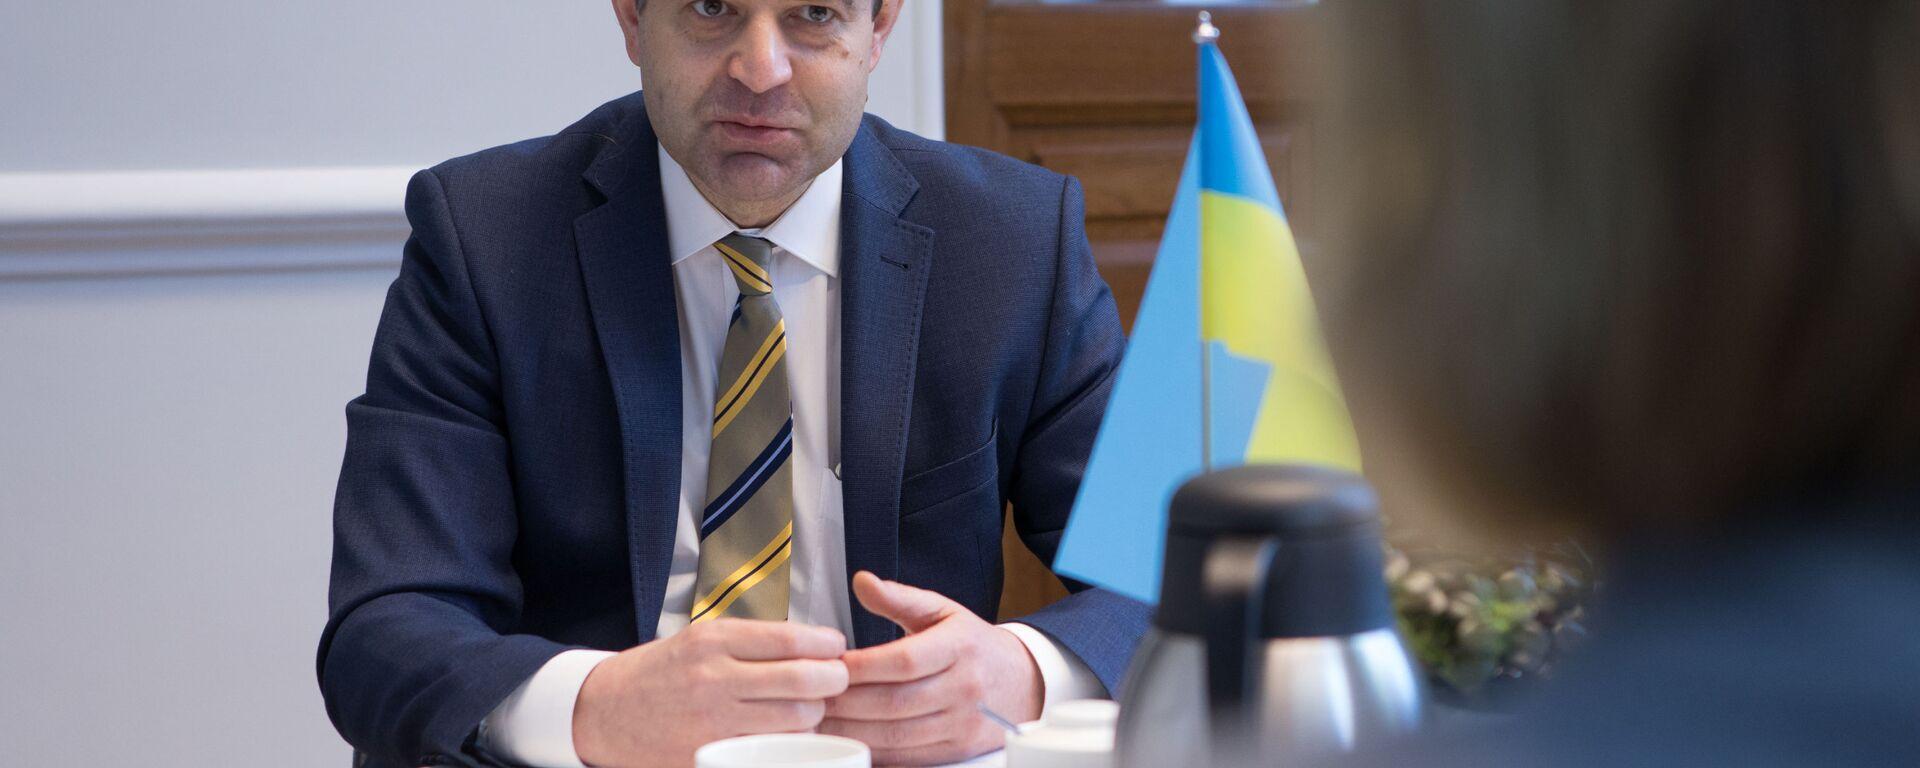 Ukrajinský velvyslanec v České republice Jevhen Perebyjnis  - Sputnik Česká republika, 1920, 12.07.2021